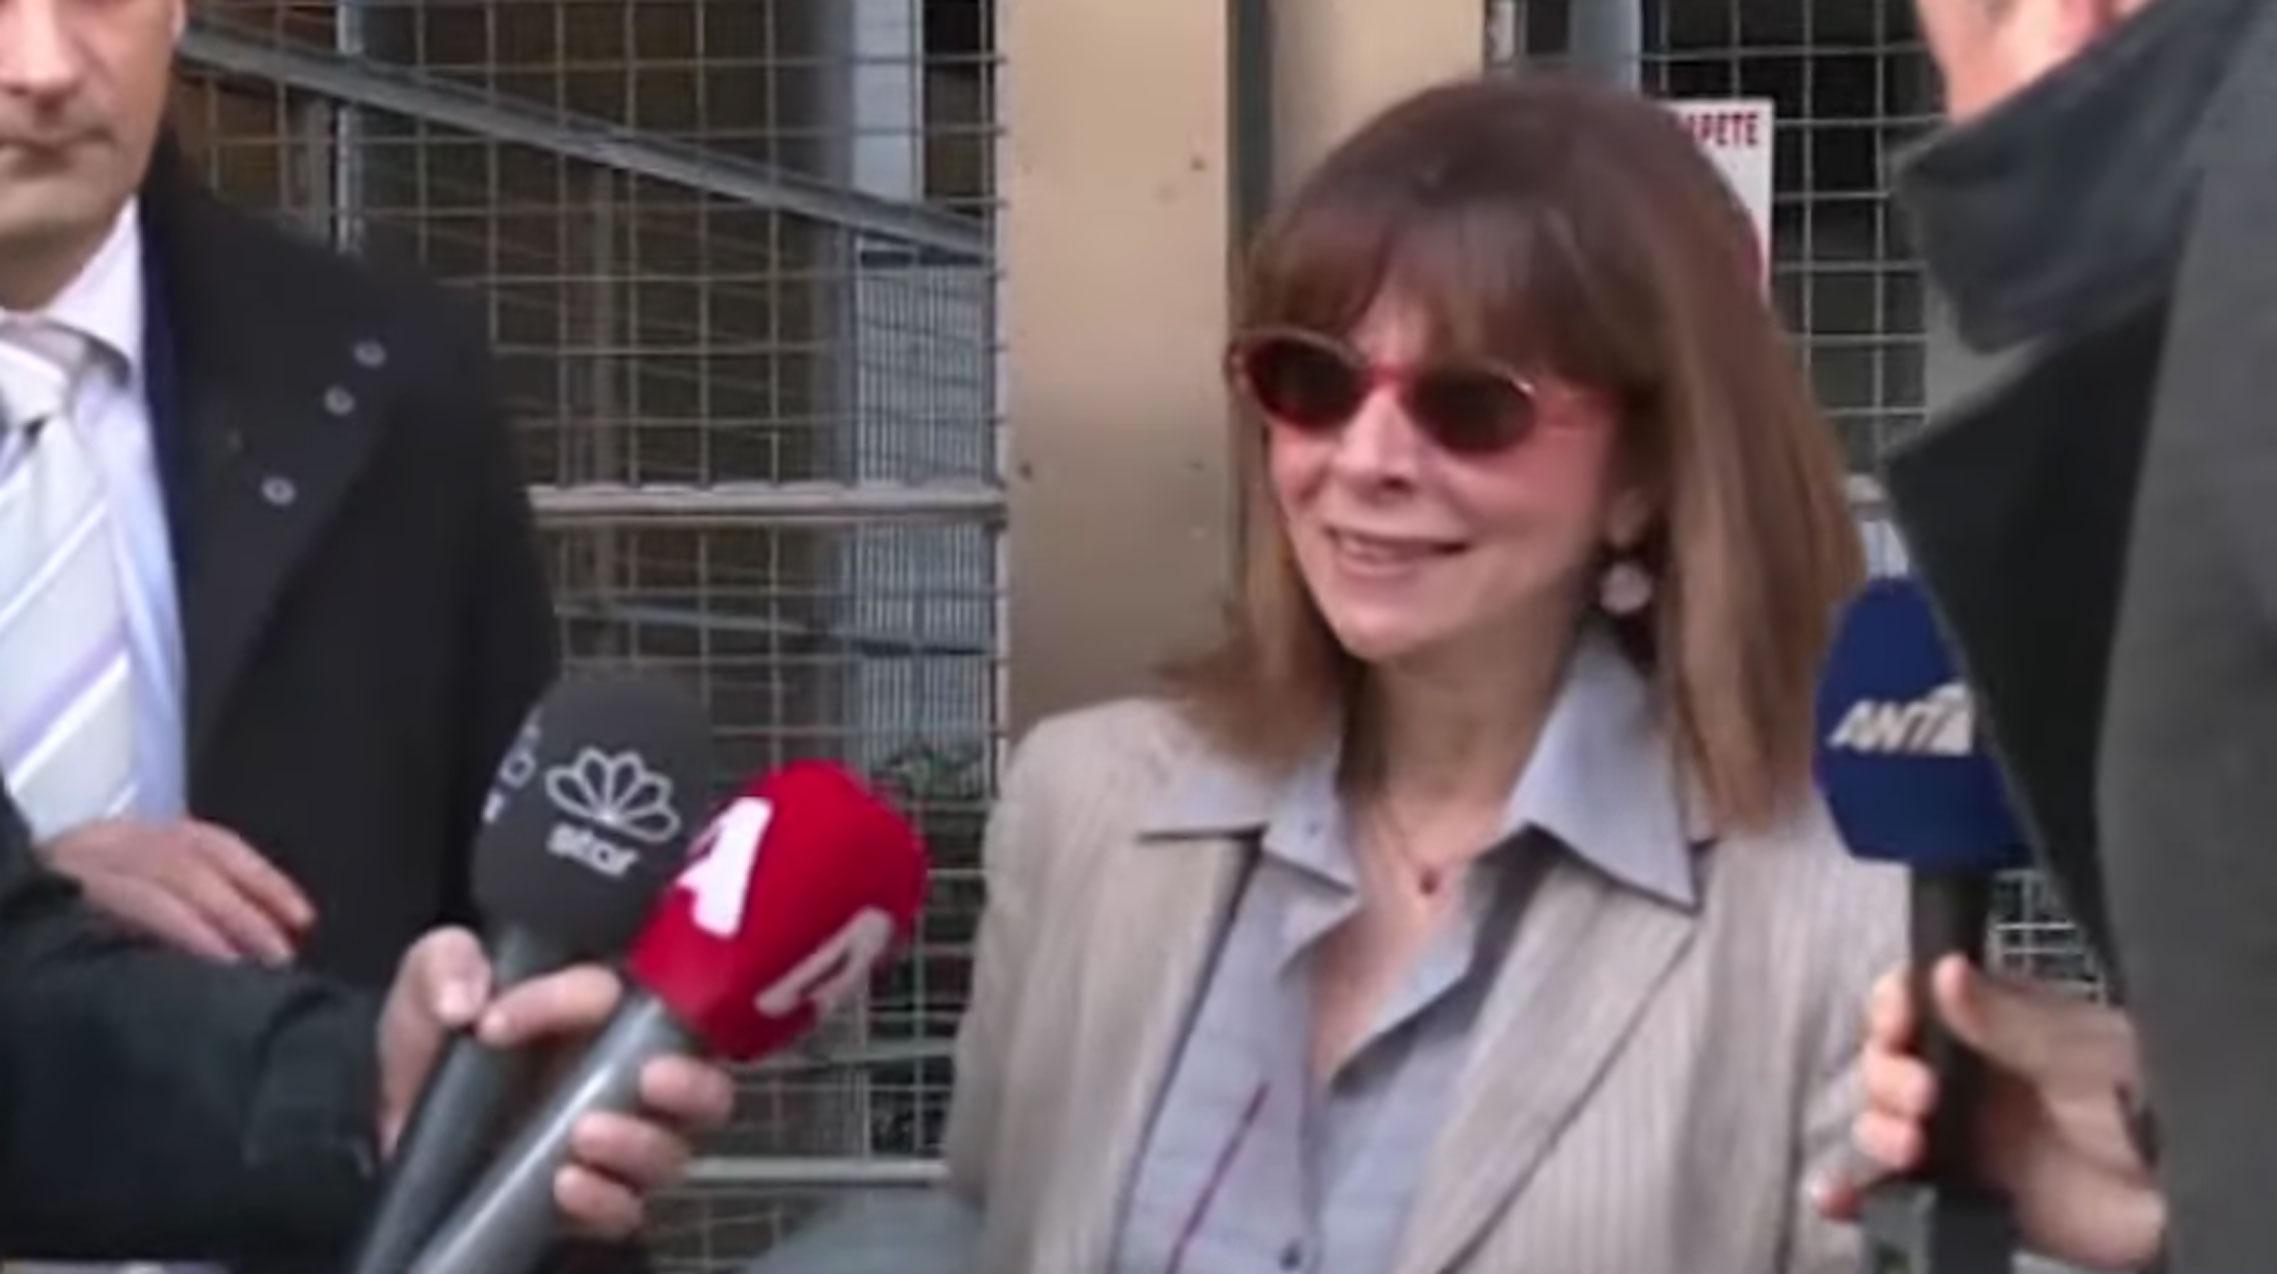 Αικατερίνη Σακελλαροπούλου: Πρόεδρος της Δημοκρατίας από την πρώτη ψηφοφορία